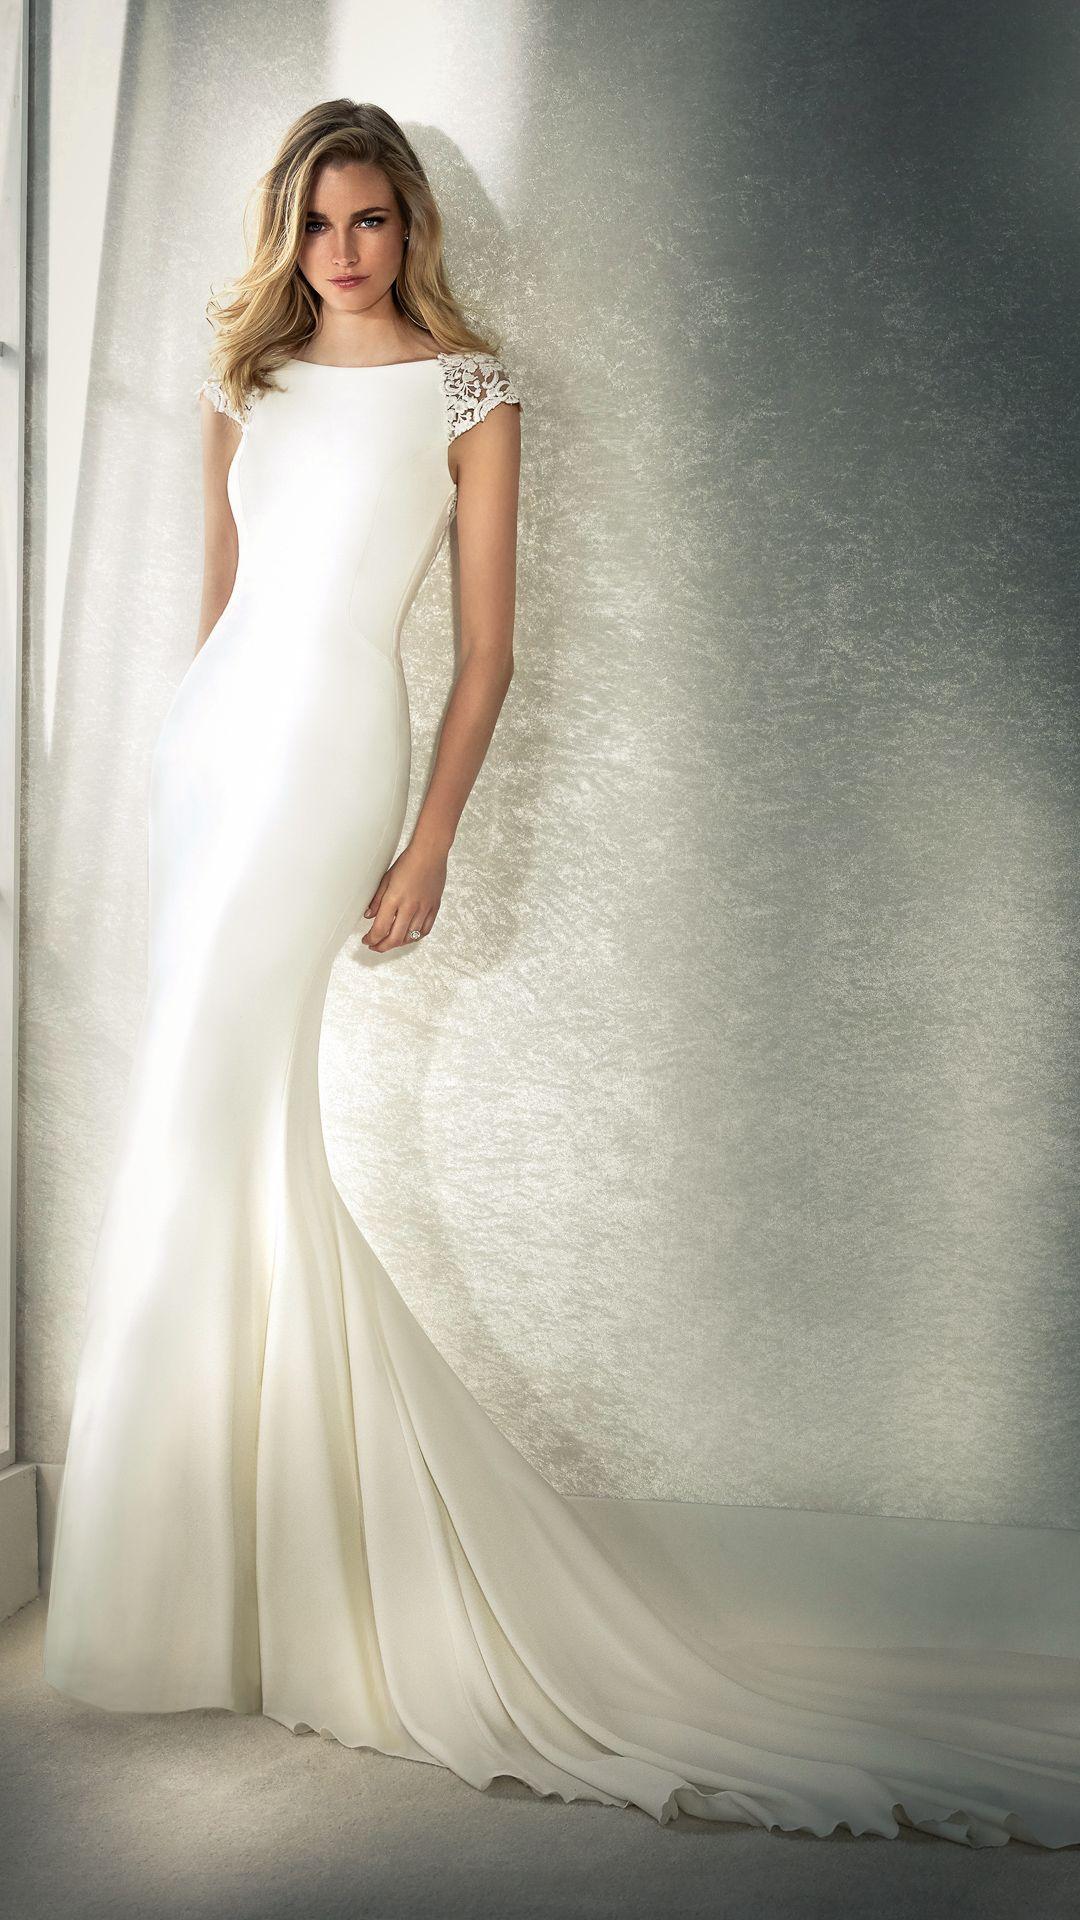 Hochzeitskleider 14 White One Kollektion Modell: FIANA-B